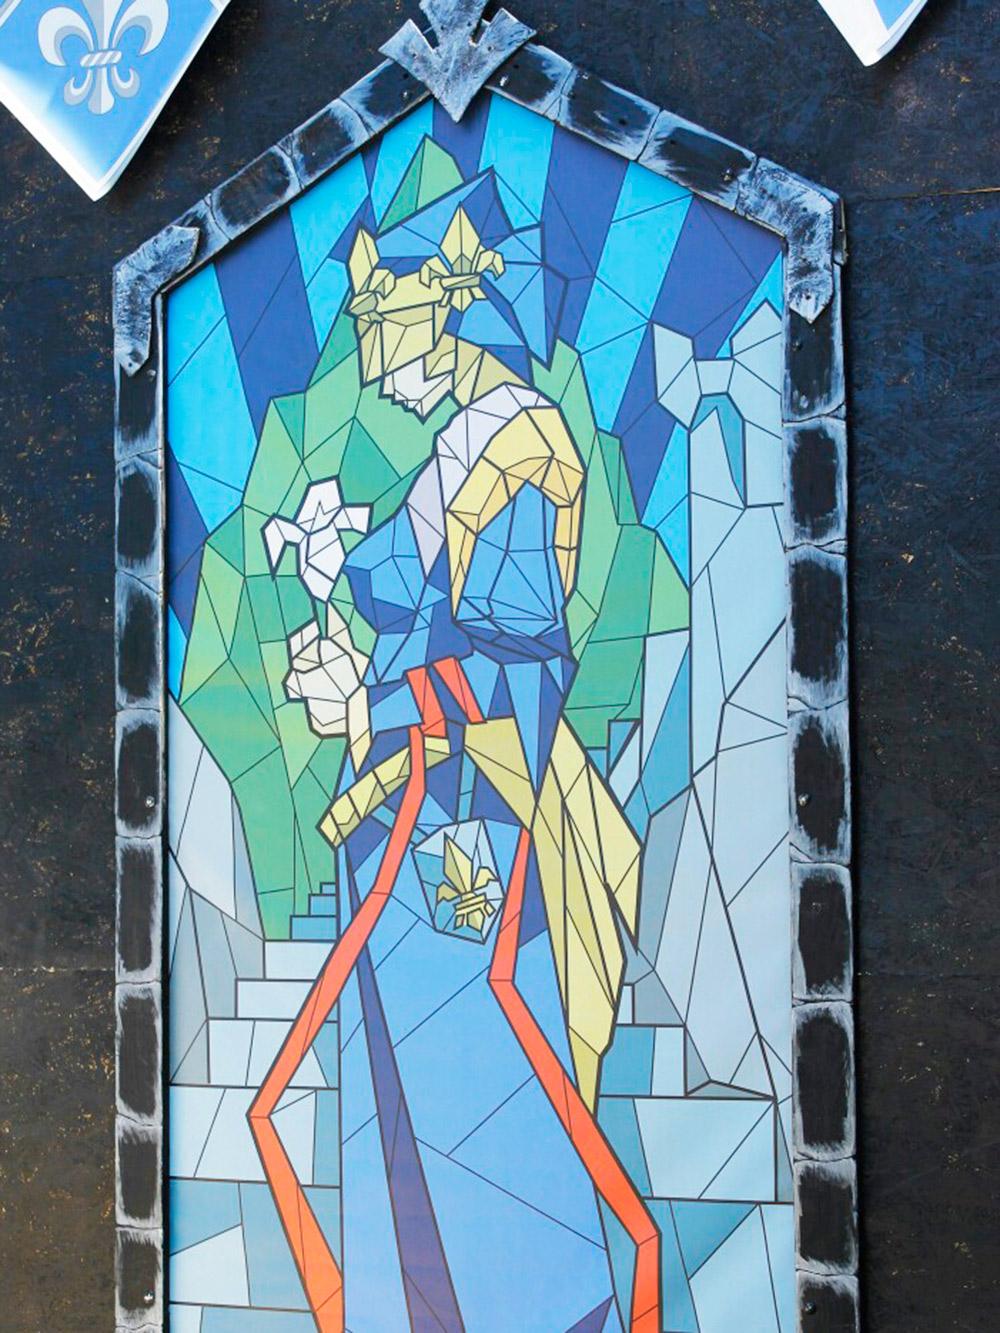 Витражный мотив натемерских воротах крупным планом. Дляего создания мастера сначала рисовали эскиз вкарандаше набумаге, апотом отрисовывали его ввекторе. После изображения печатали вМоскве иотправляли вКрым уже готовые работы. Источник: Саша Волк